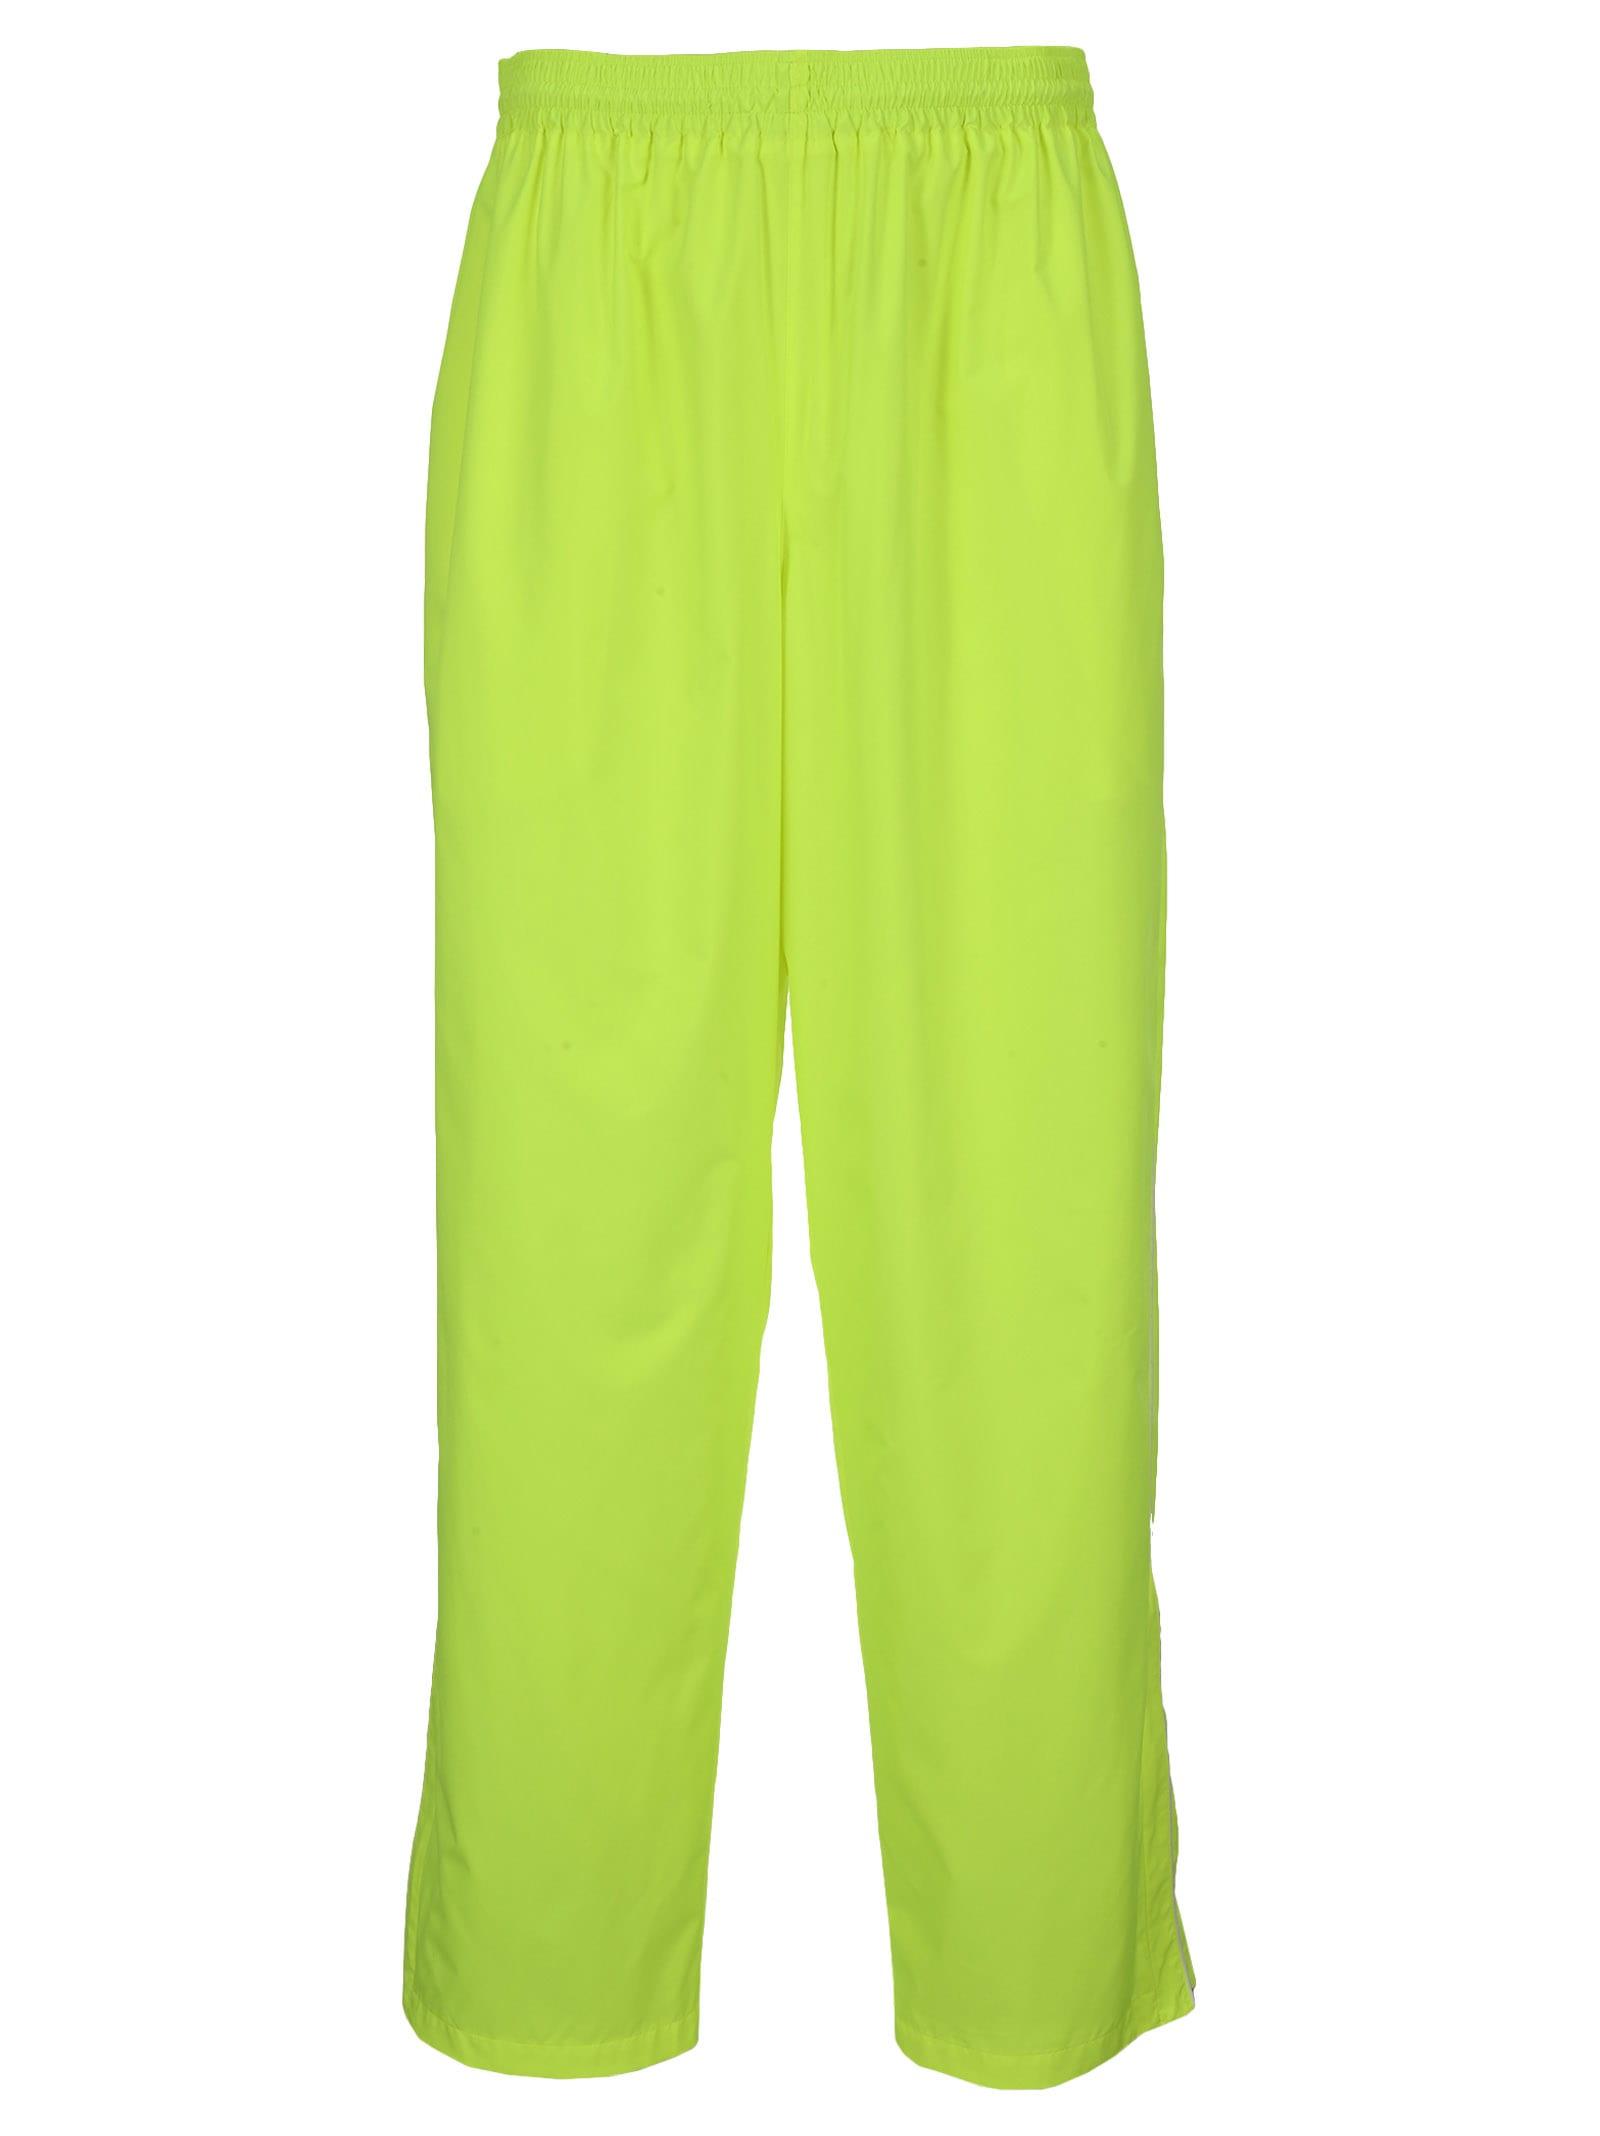 Balenciaga Track pants JOGGING PANT #30